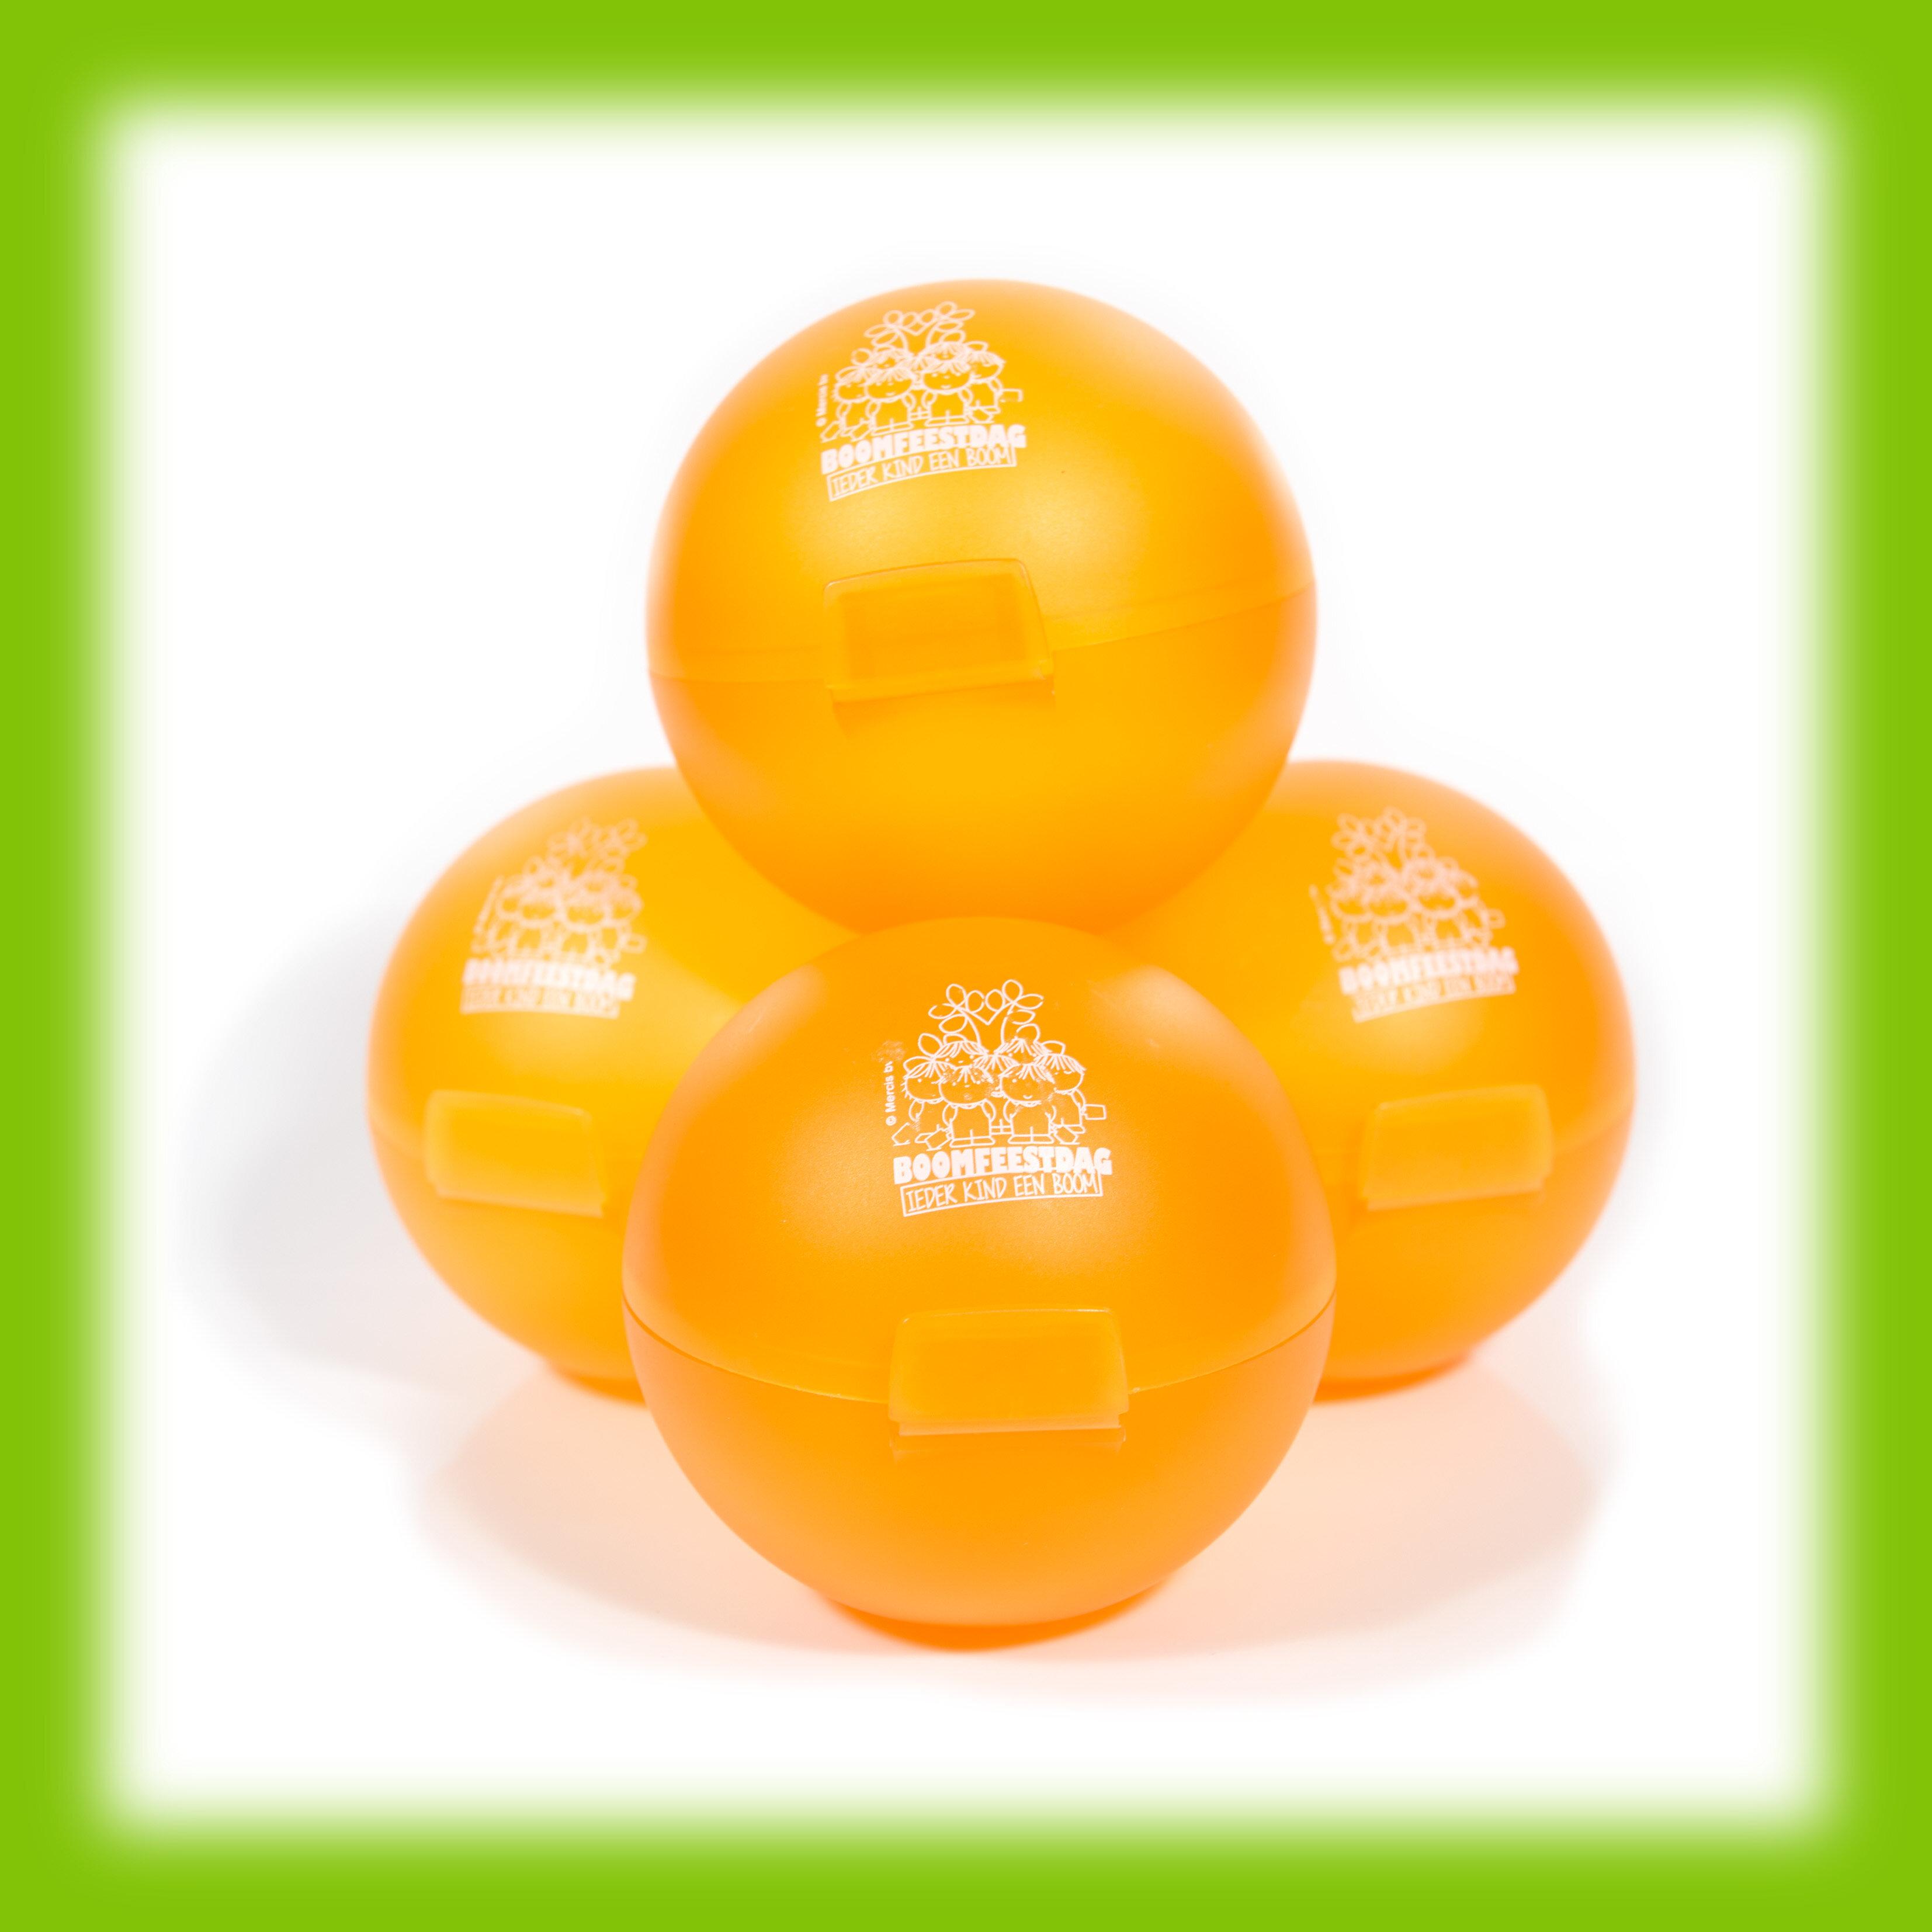 Boomfeestdag Appelbox Oranje, set van 10 - herinneringsartikel